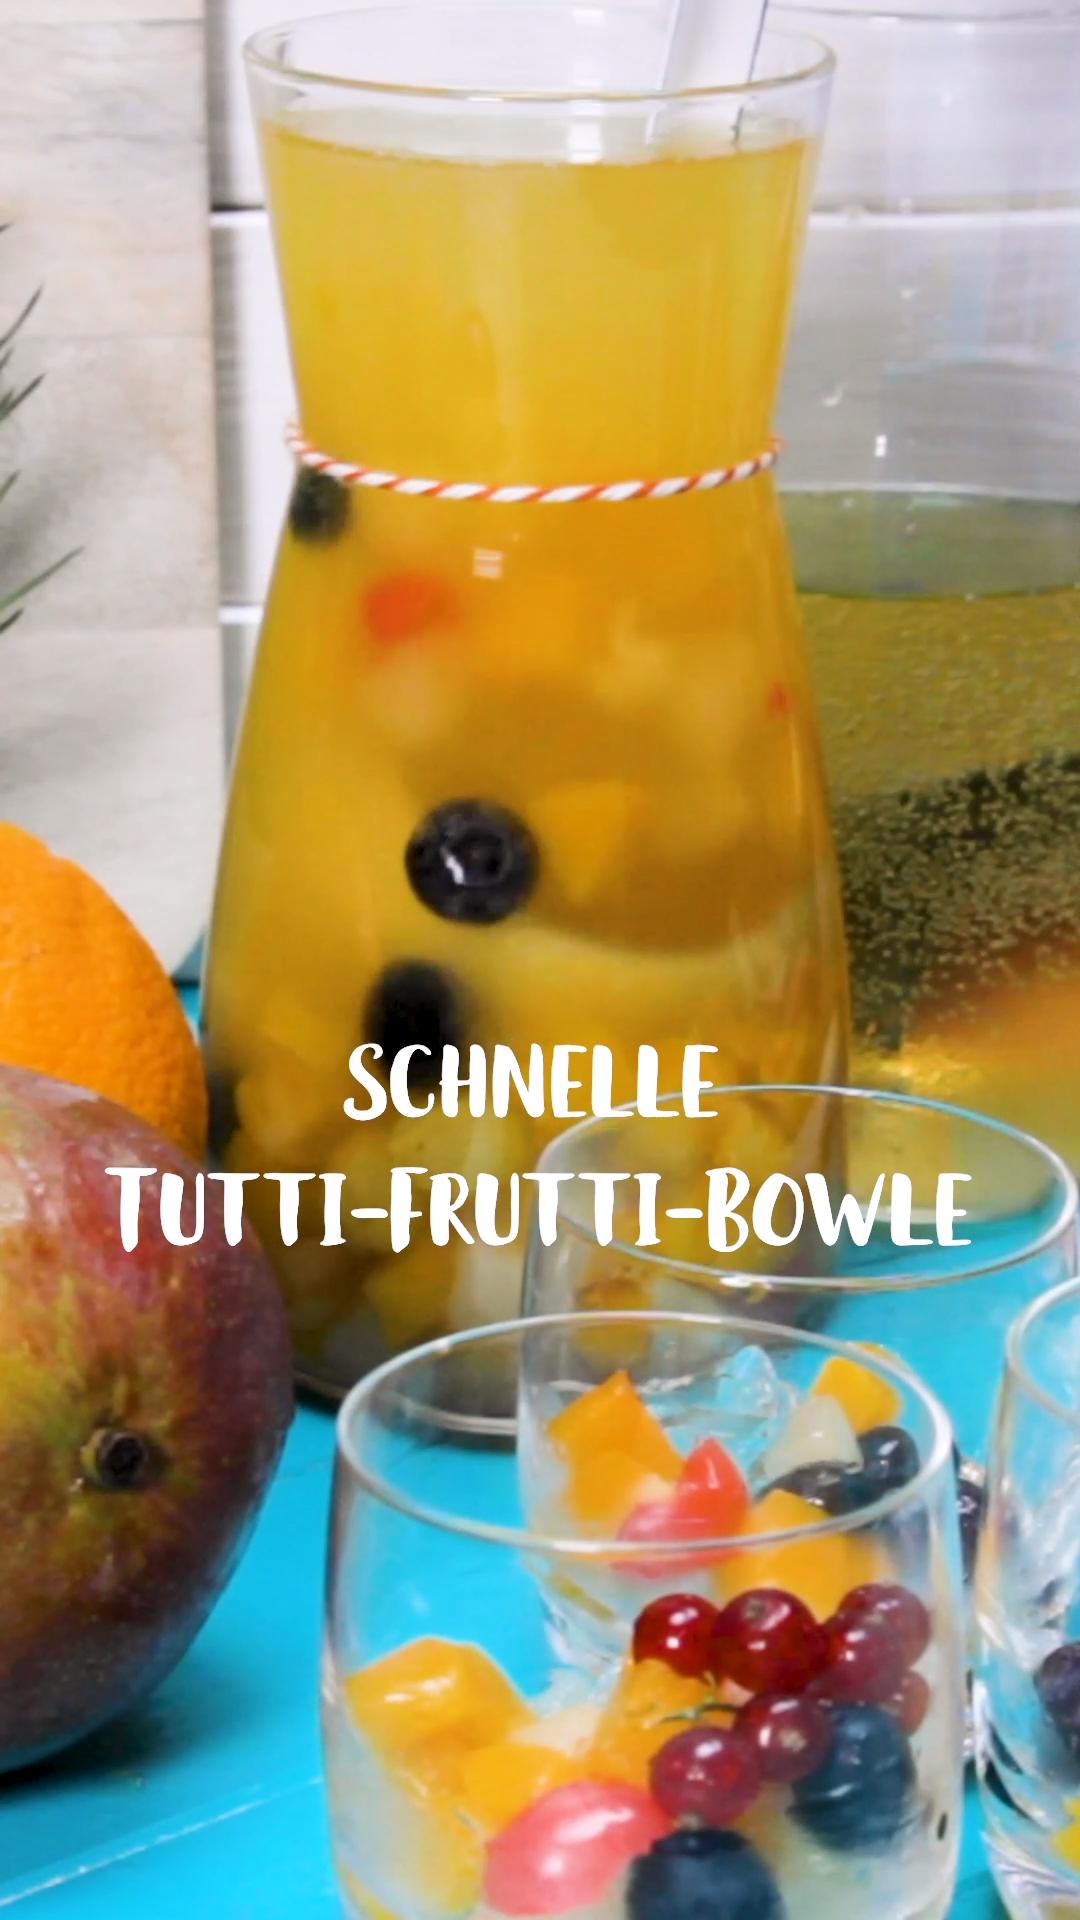 Schnelle Tuttifrutti-Bowle – aus 3 Zutaten #vodkapunch